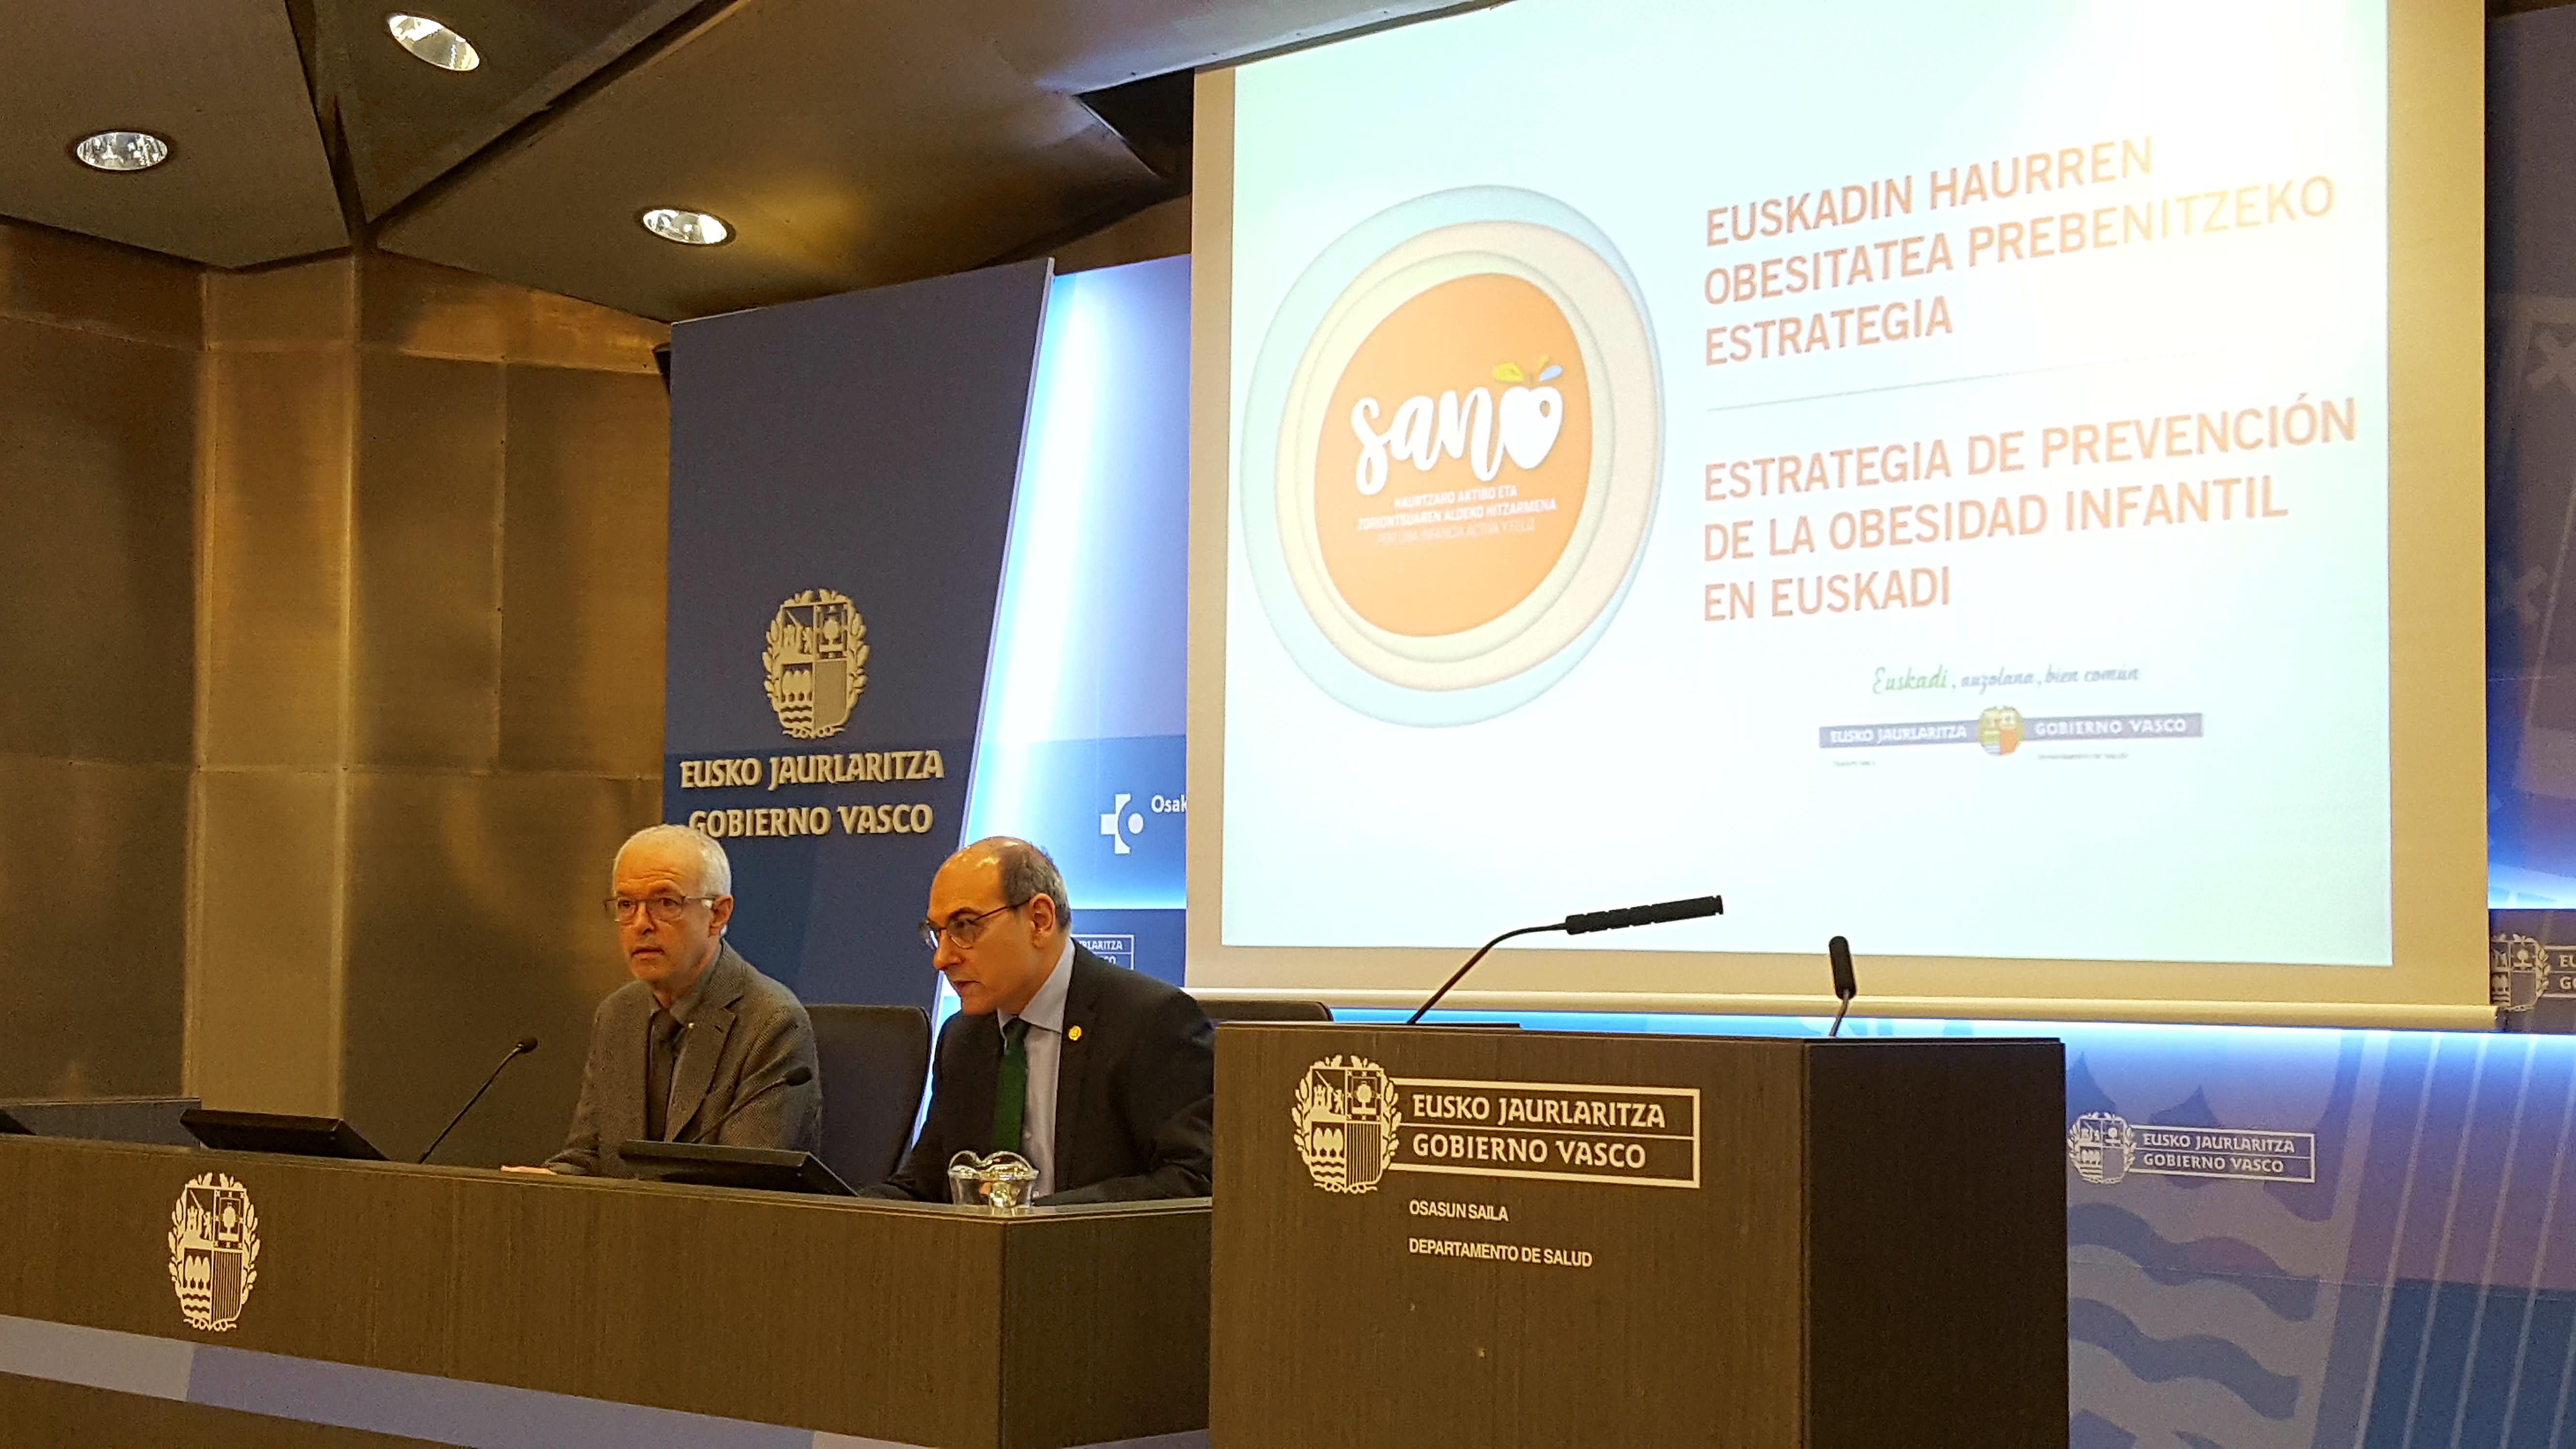 Eusko Jaurlaritzak Euskadin Haurren Obesitatea Prebenitzeko Estrategia aurkeztu du